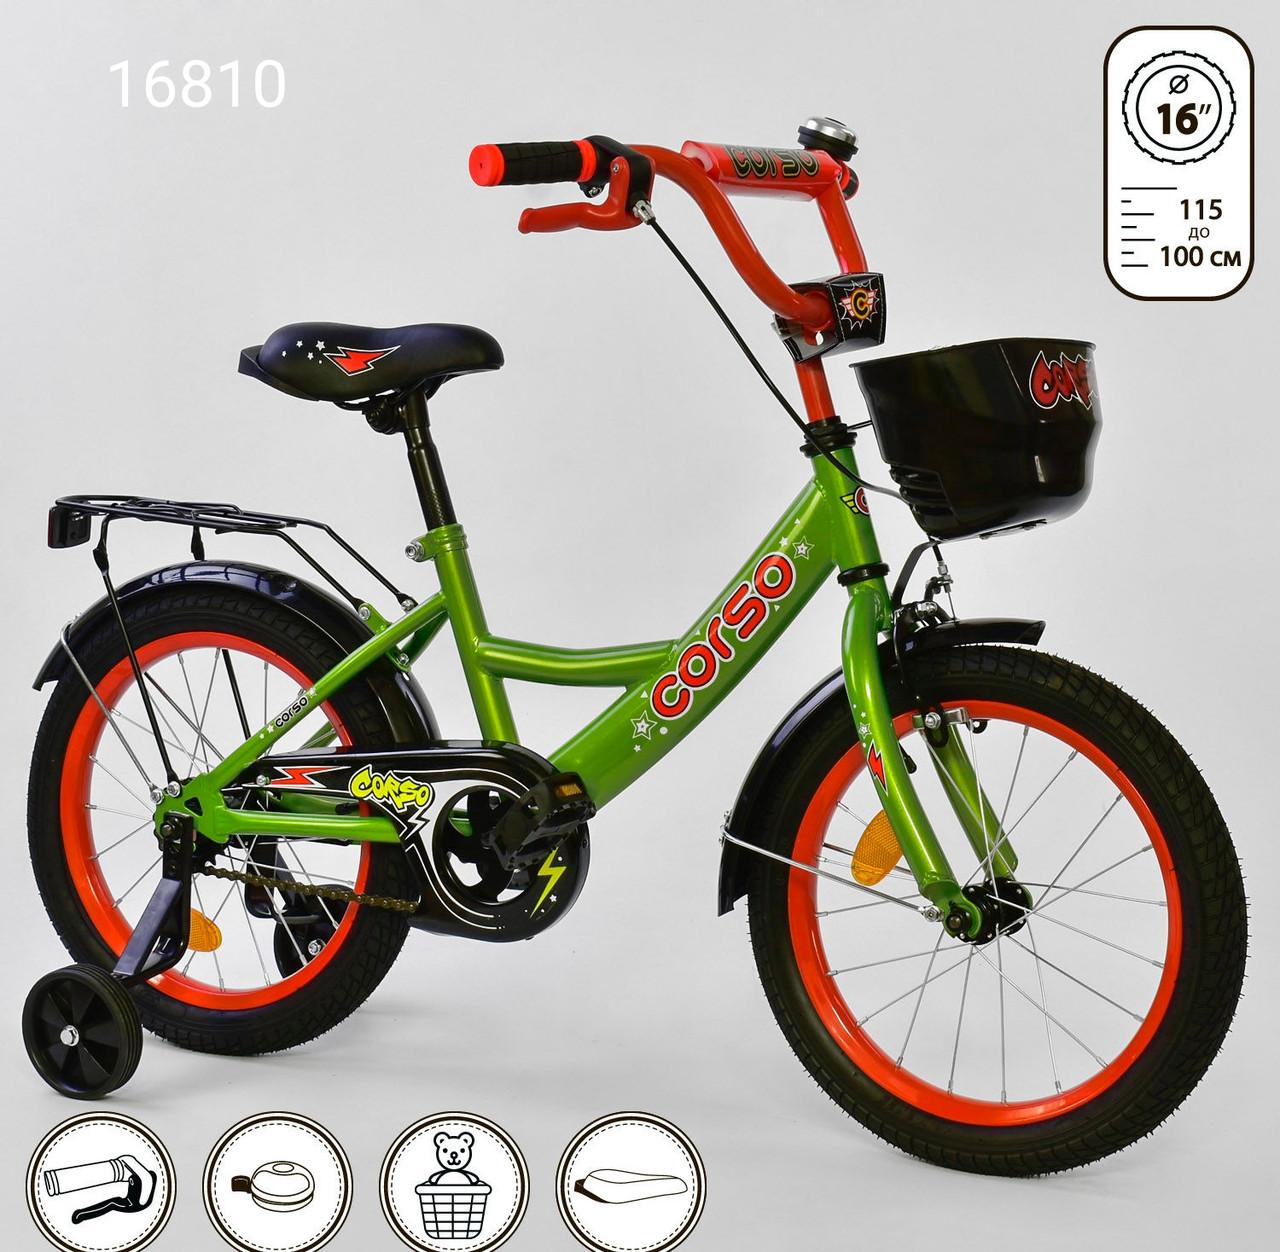 Велосипед детский двухколёсный Corso G 16 дюймов